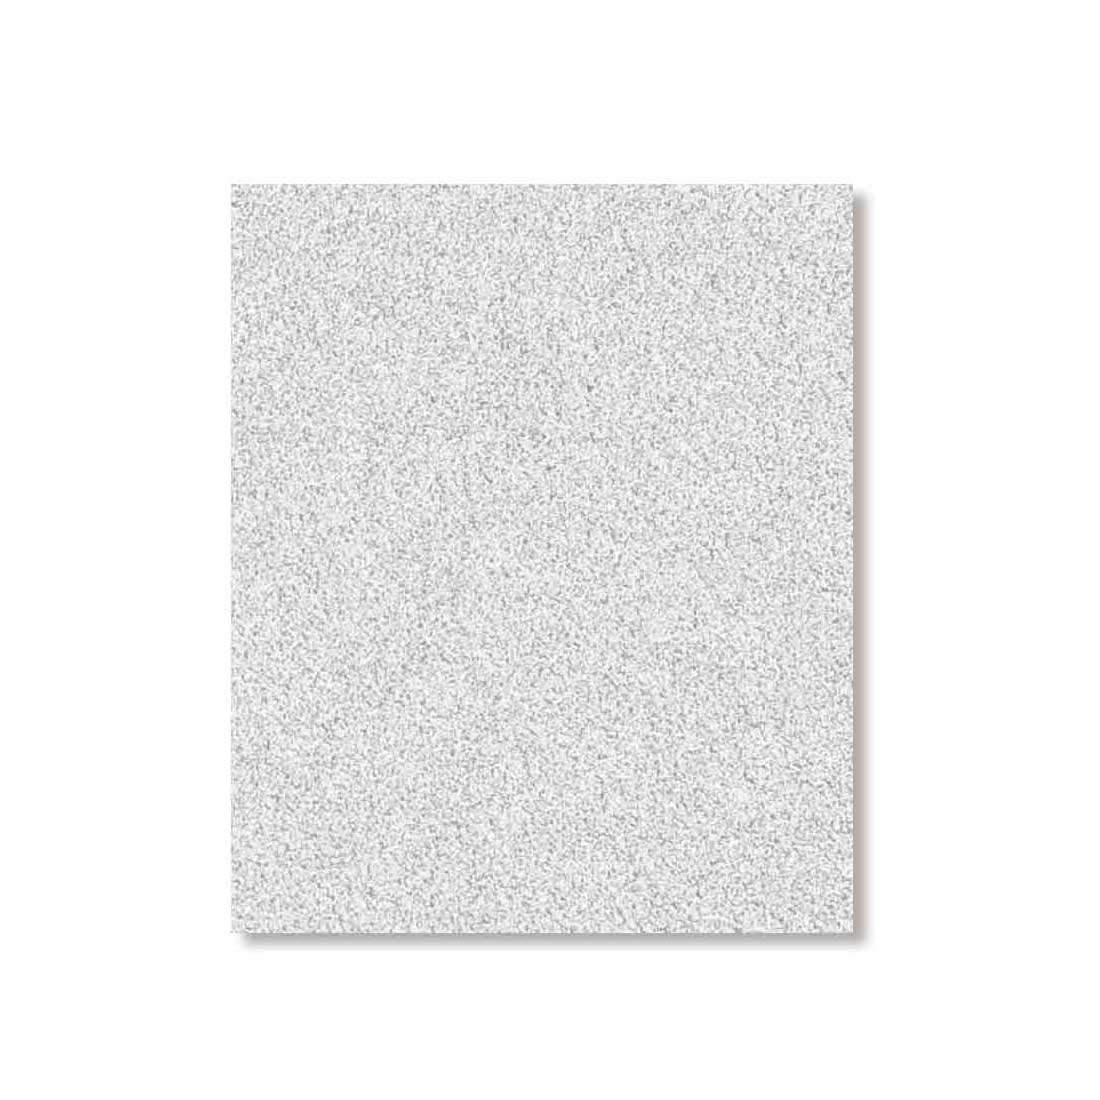 280 x 230 mm grain 120 10 Feuilles abrasives MENZER pour ponceuses manuelles